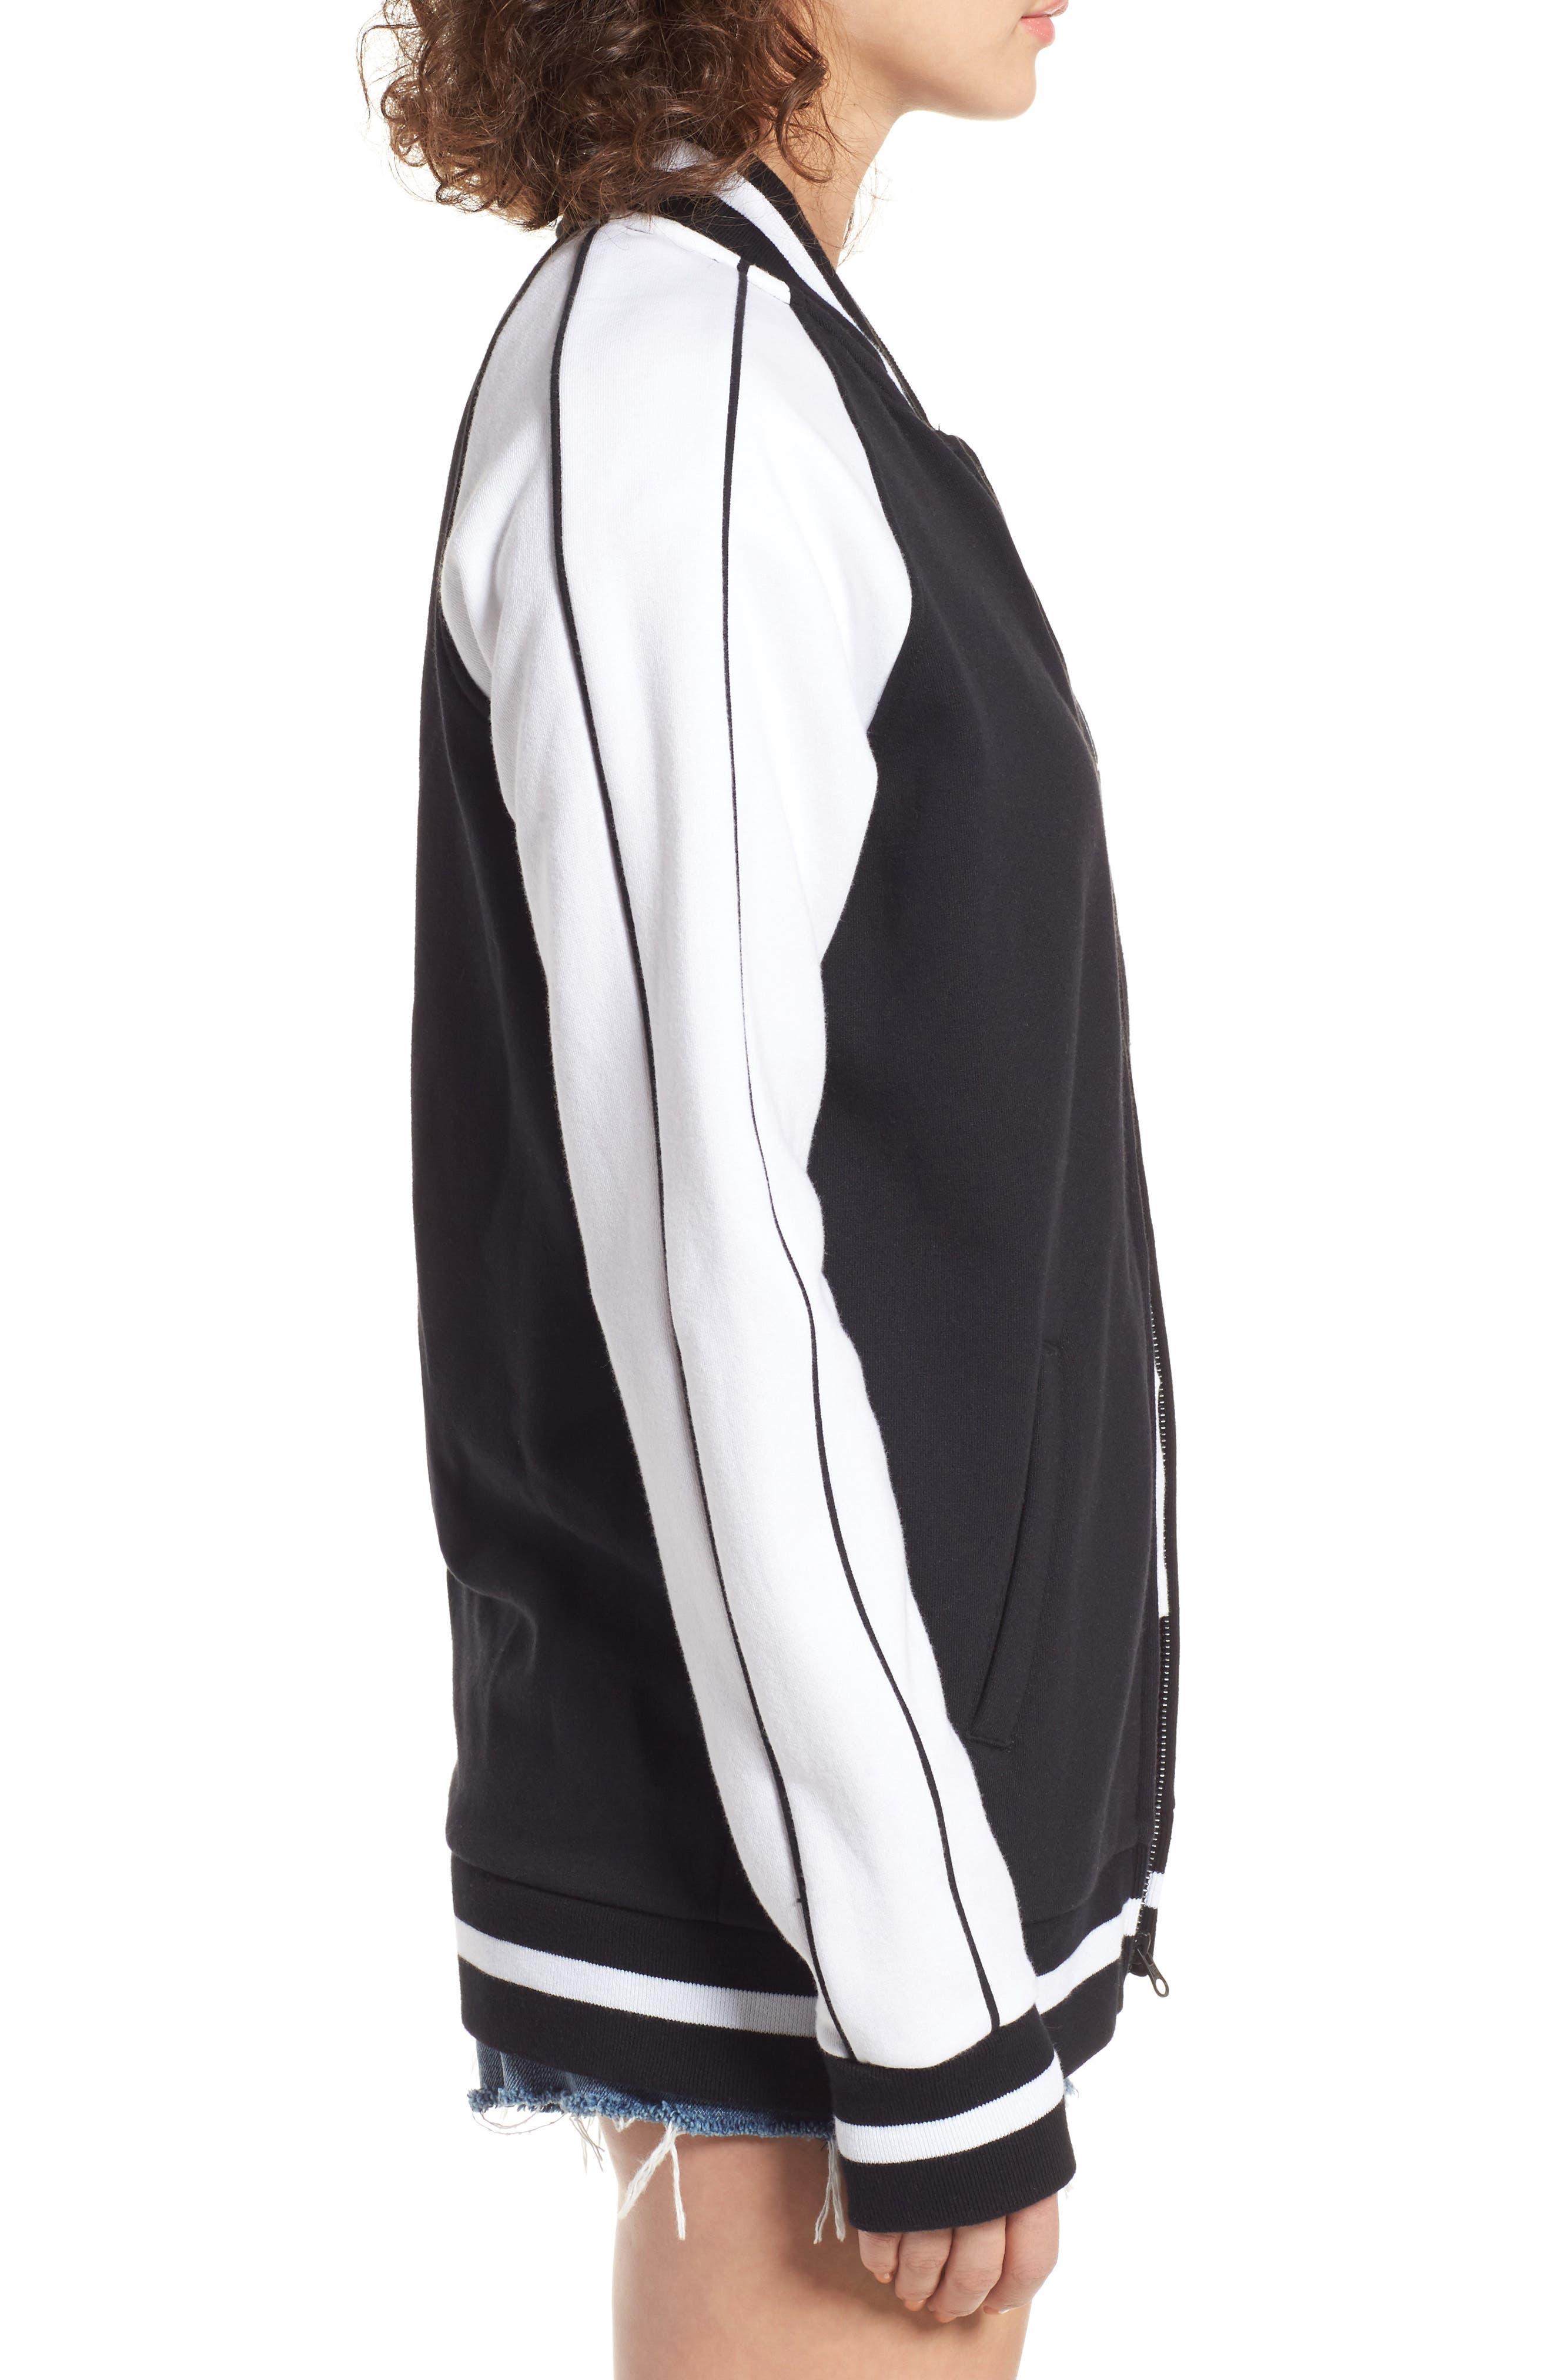 x KARL LAGERFELD Bomber Jacket,                             Alternate thumbnail 3, color,                             Black